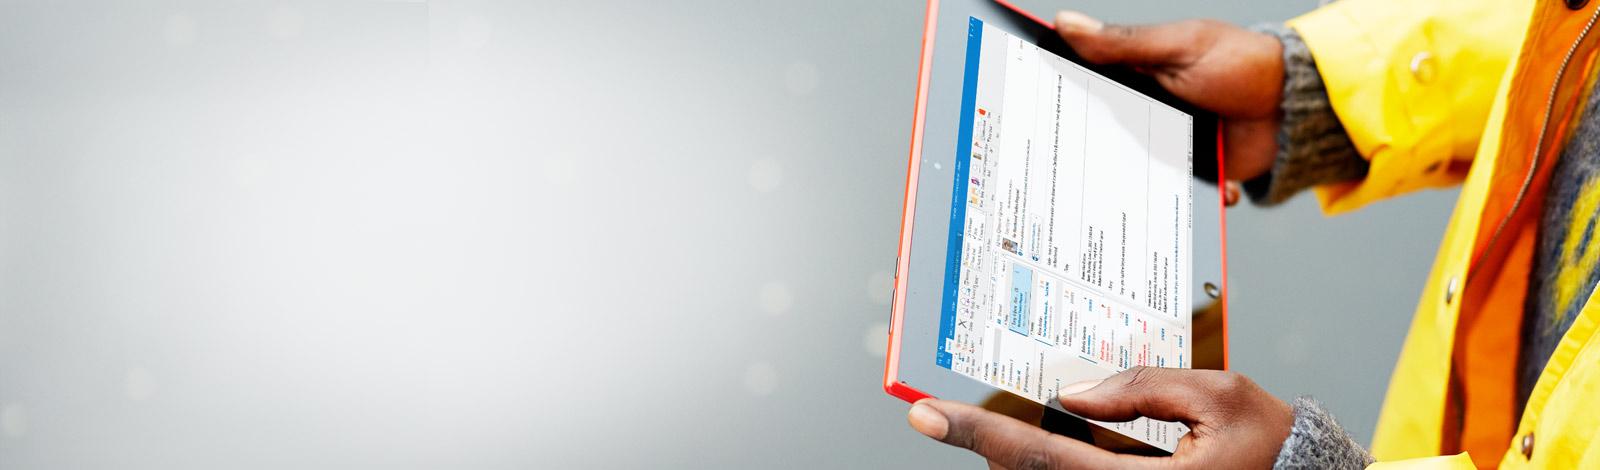 Un bărbat care ține o tabletă în mâini. Cu Office 365 puteți lucra de oriunde.